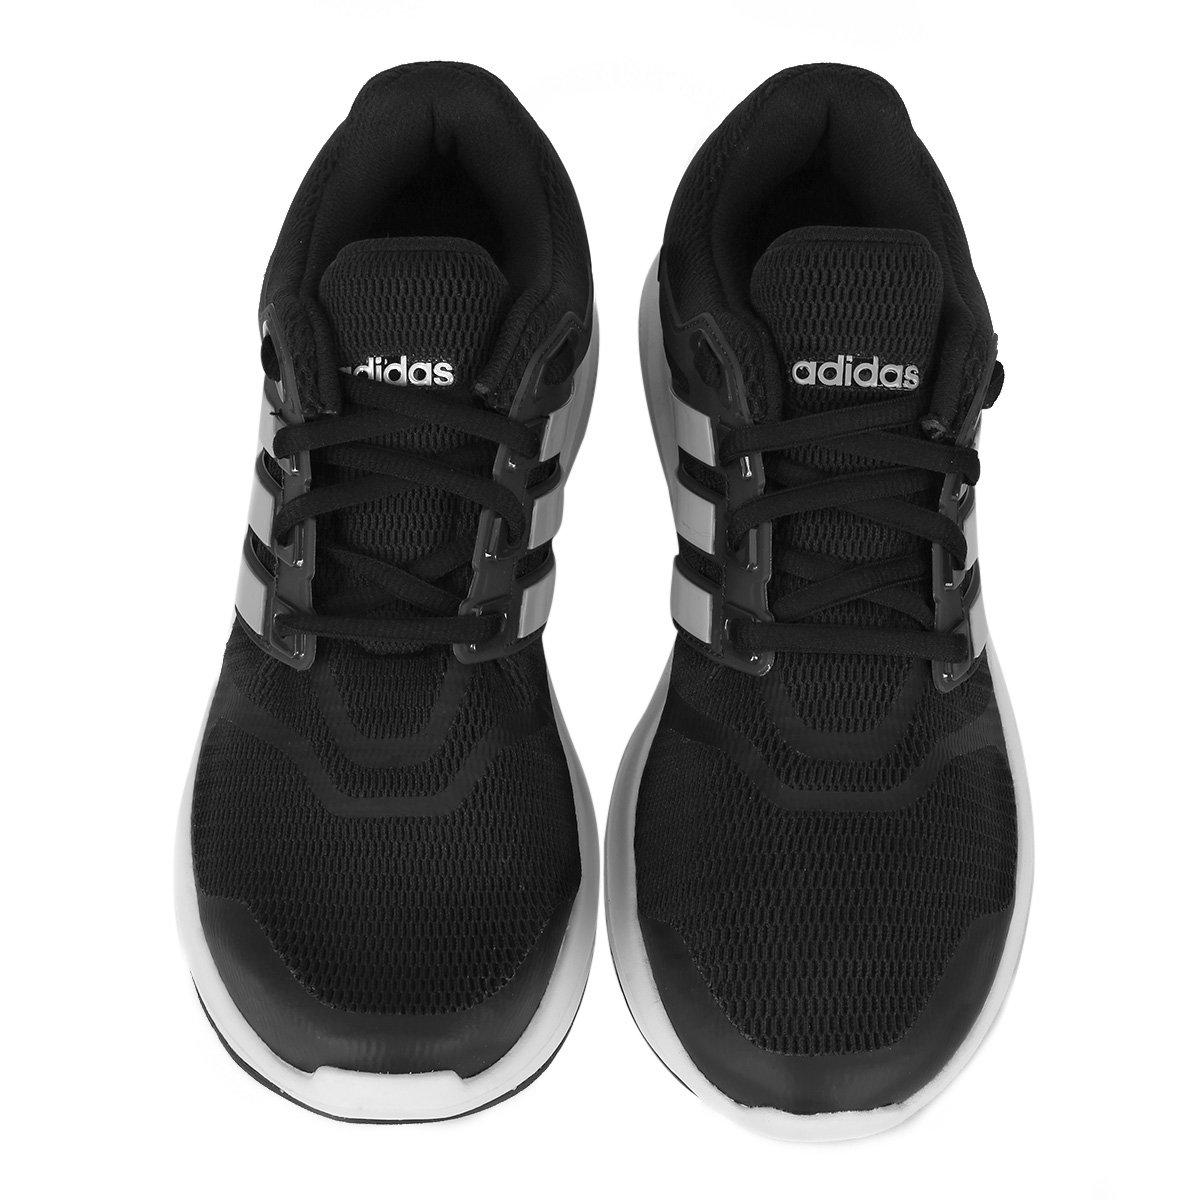 6b1f29027f Tênis Adidas Energy Cloud V Feminino - Preto e Prata - Compre Agora ...